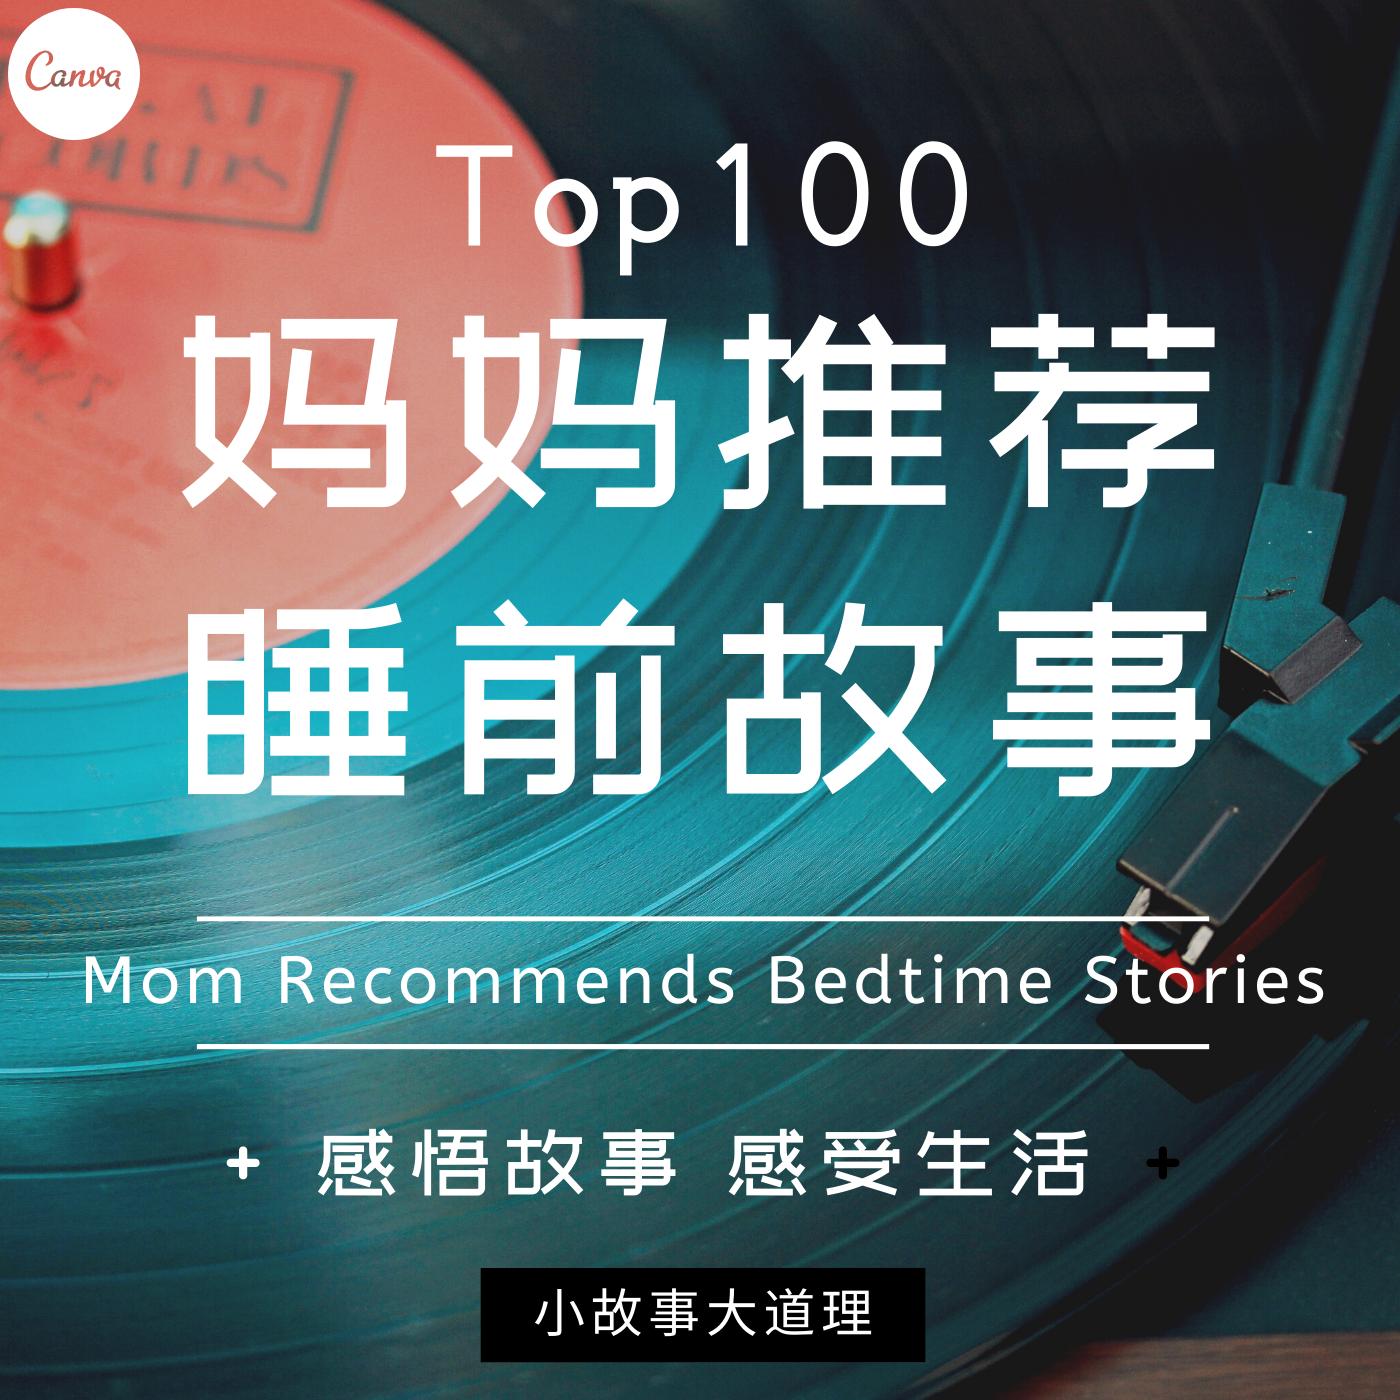 TOP100个妈妈推荐的睡前故事